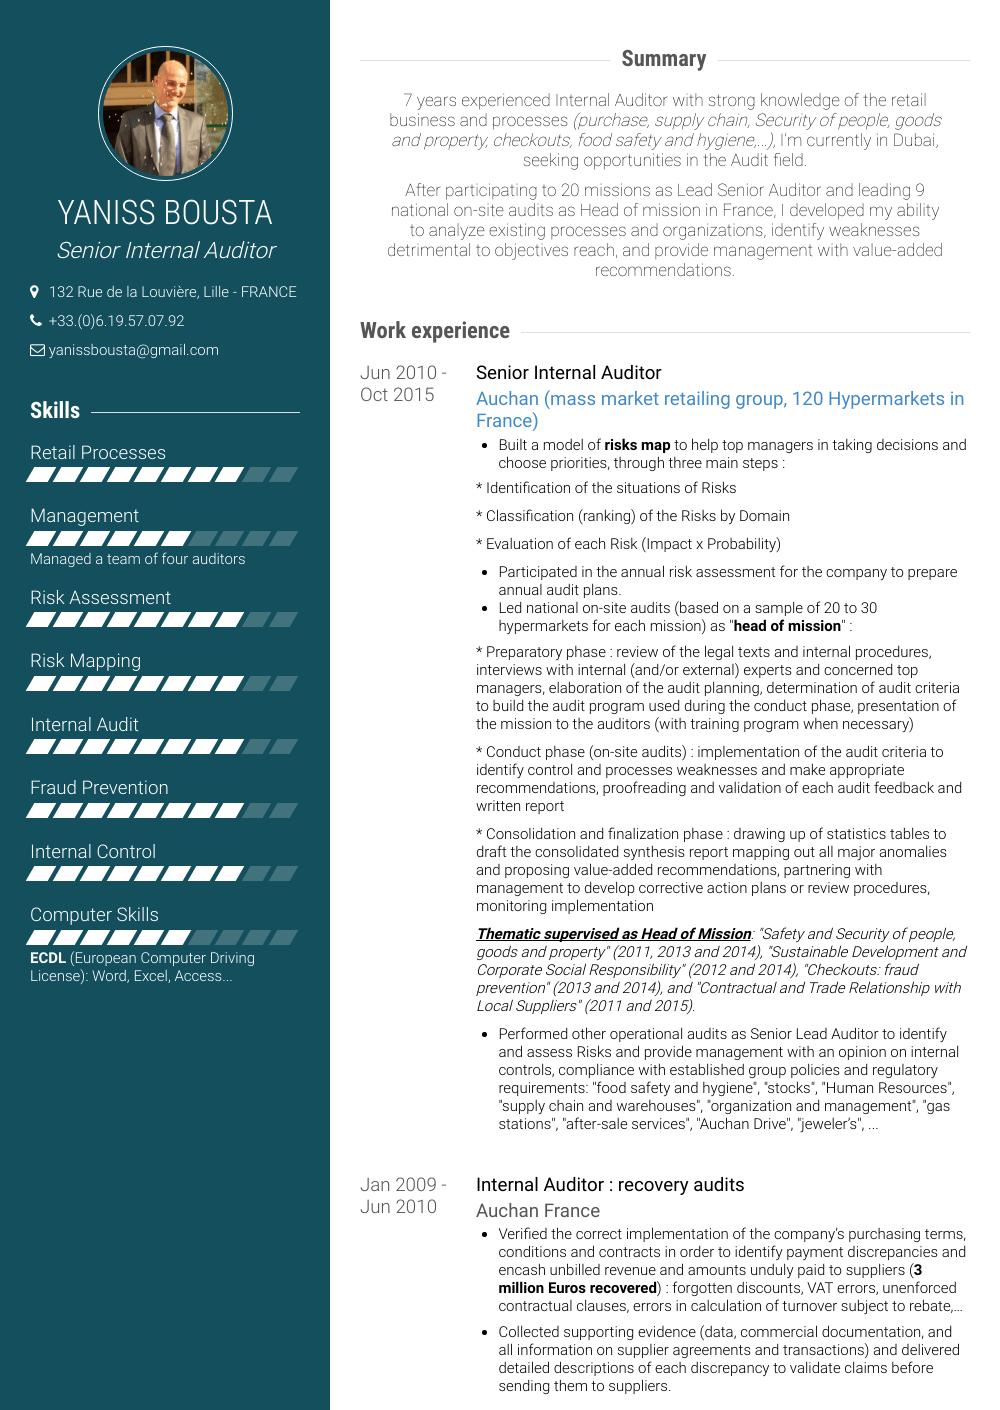 sample resume for internal auditor